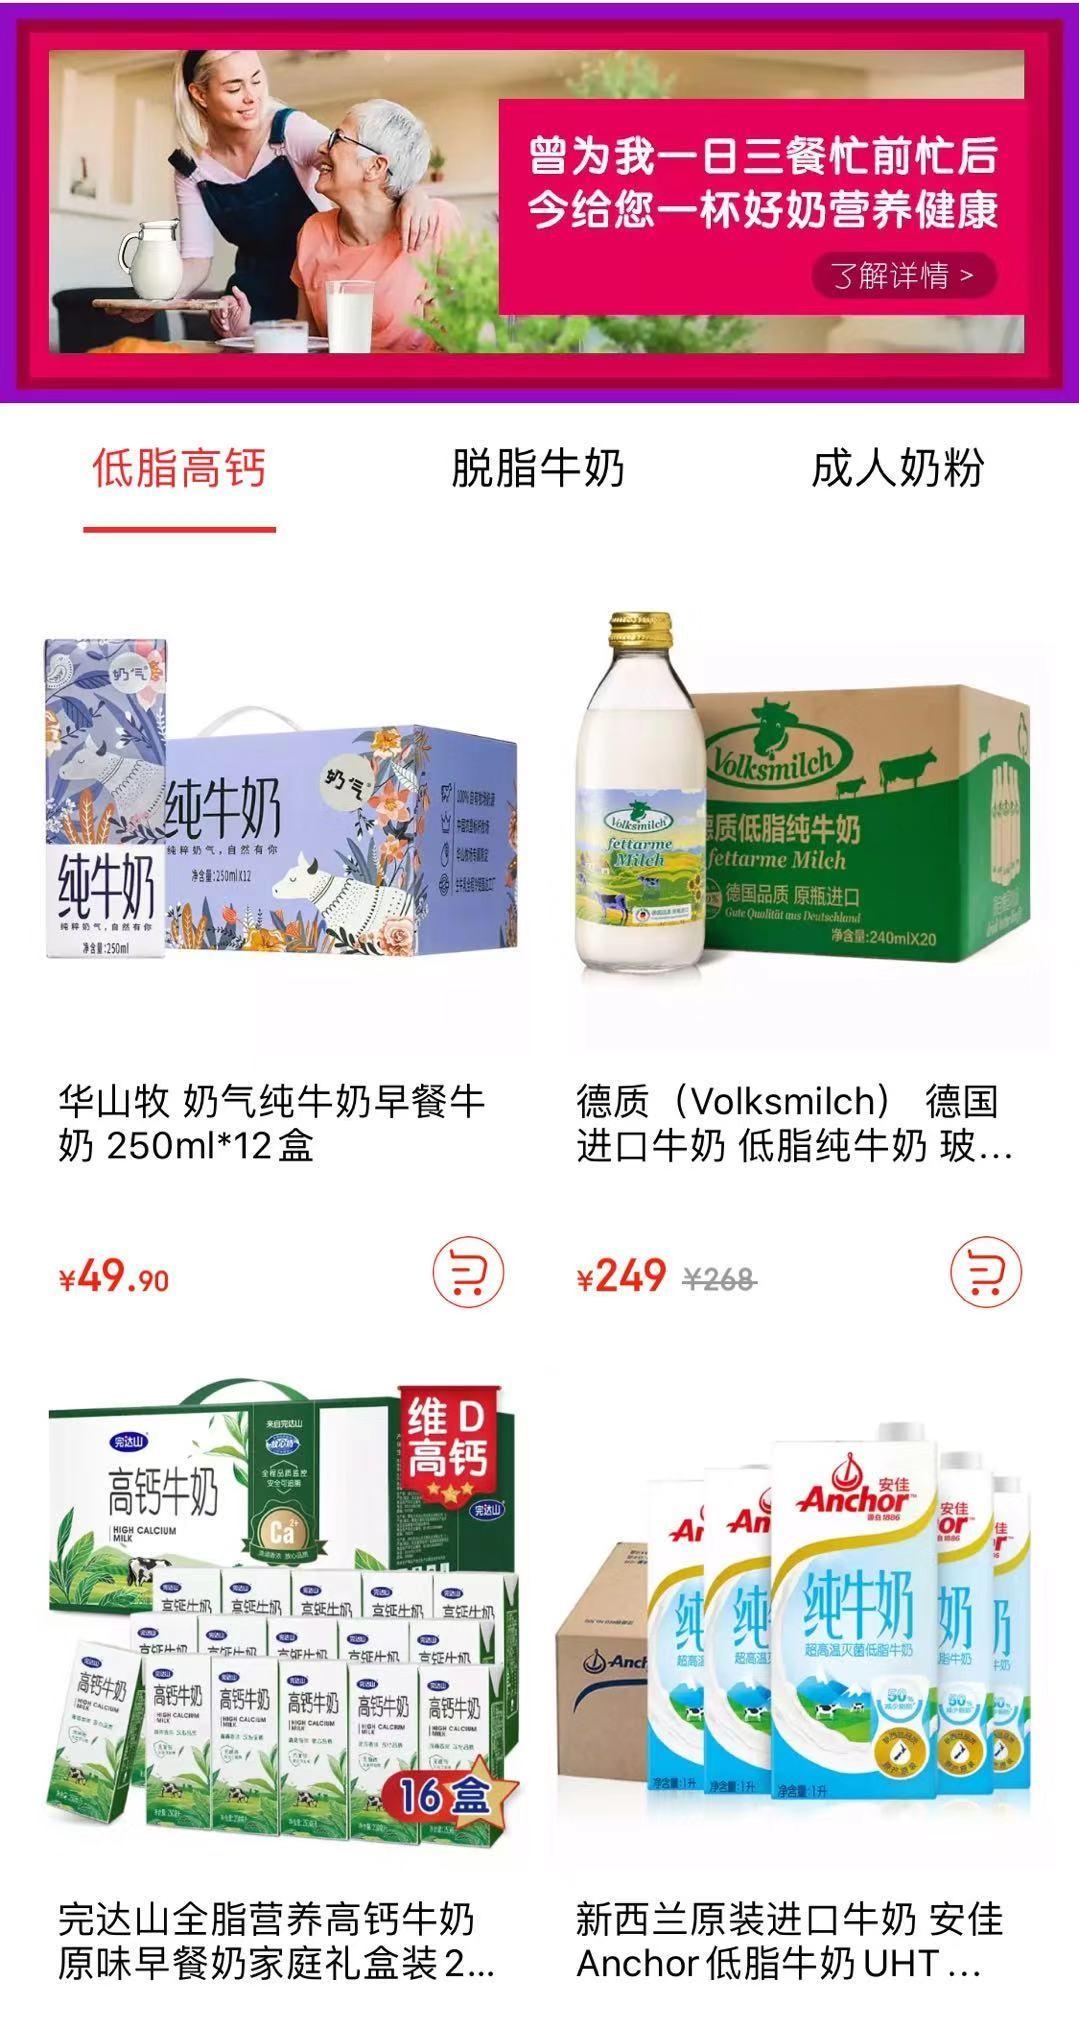 http://www.xqweigou.com/zhengceguanzhu/85645.html